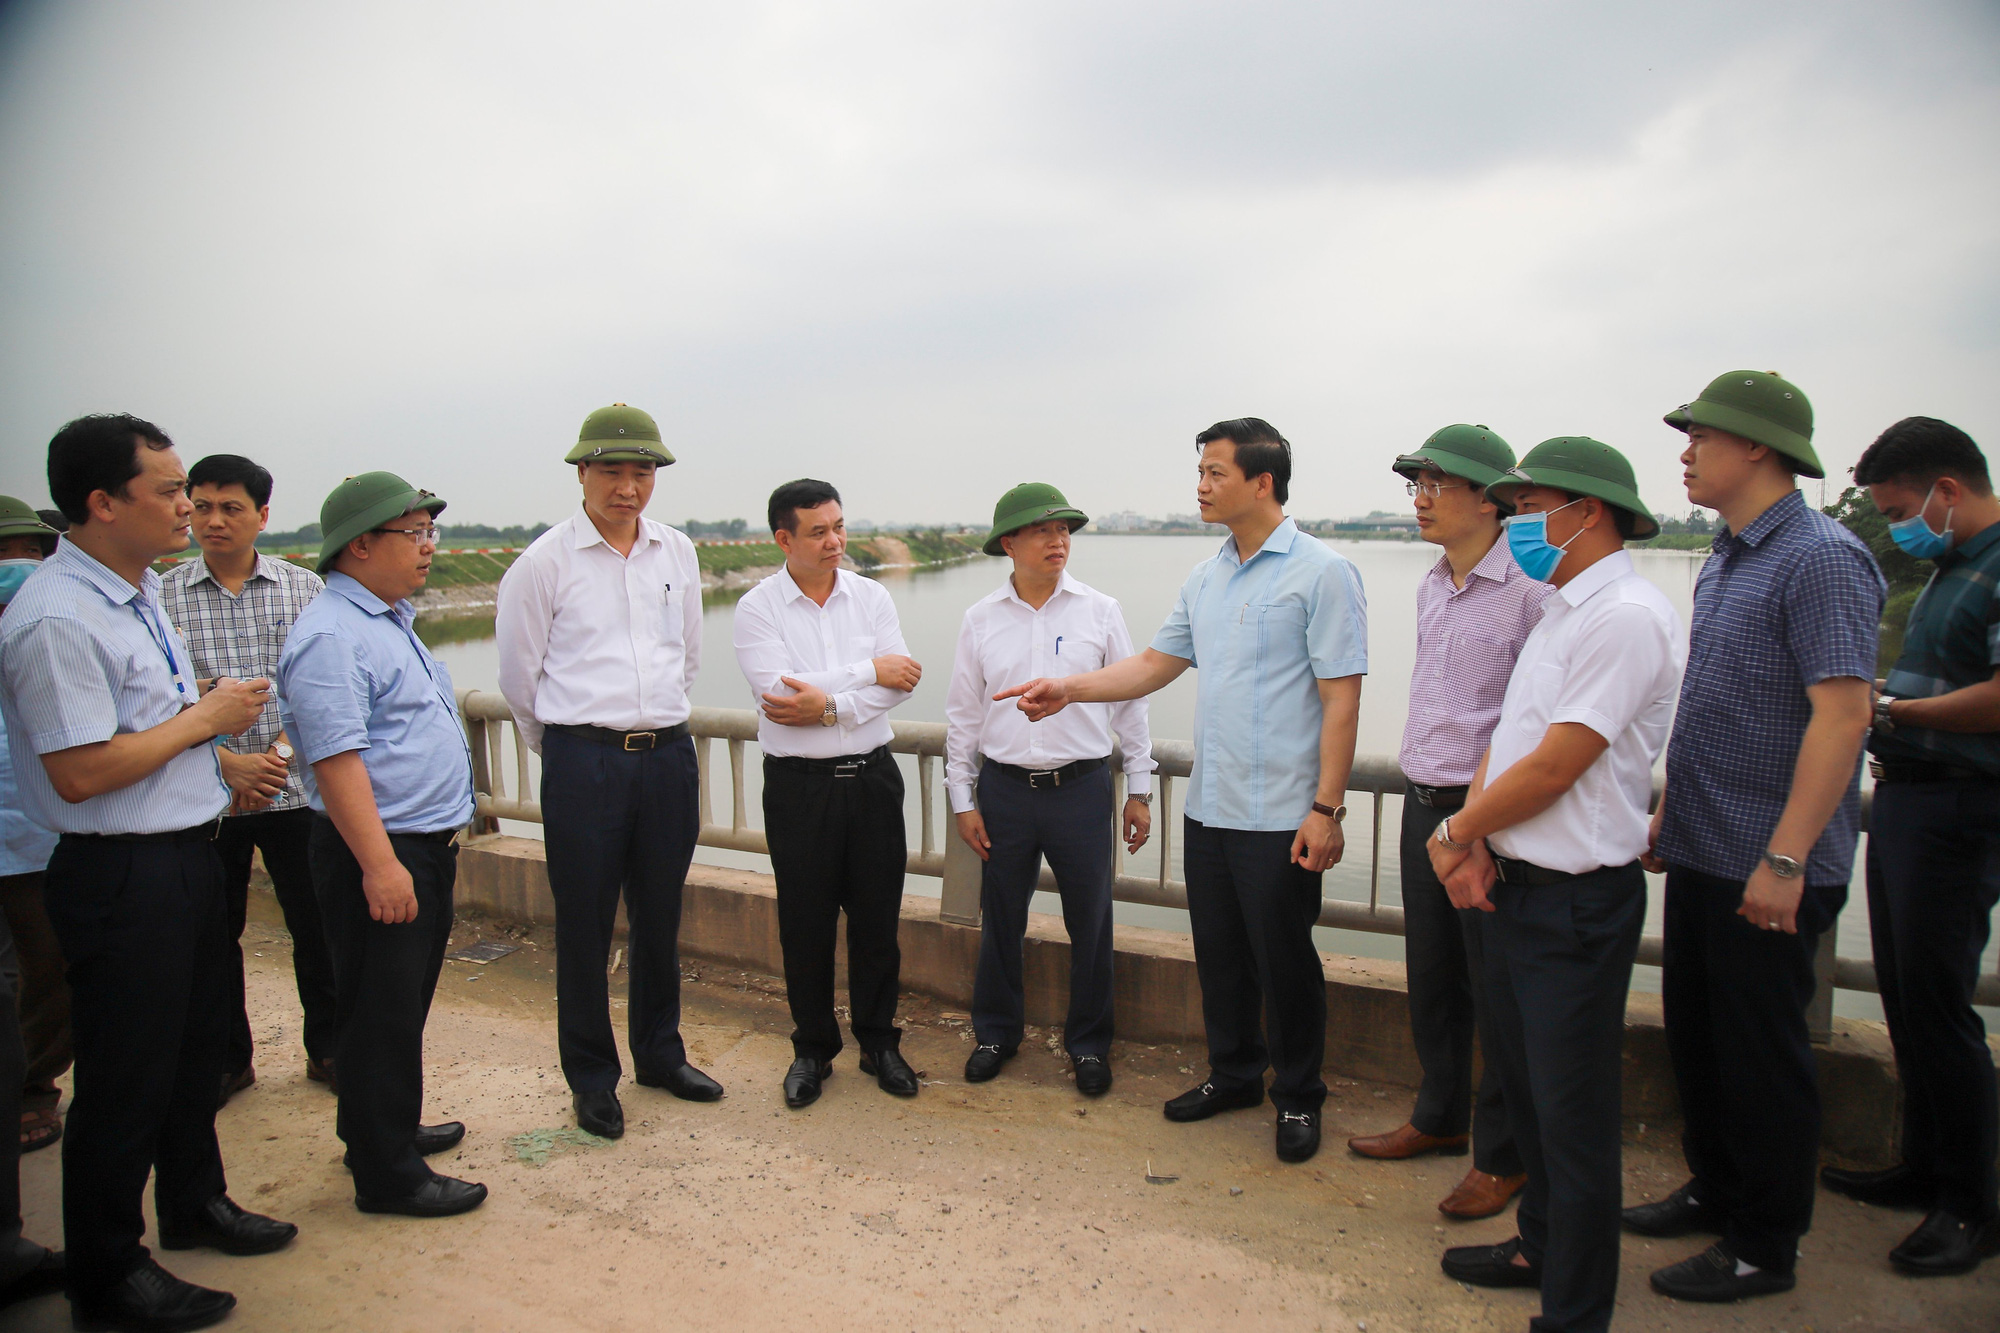 Bắc Ninh: Nhiều doanh nghiệp nhờn luật, gây ô nhiễm kinh hoàng tại các cụm công nghiệp giấy Phú Lâm, Phong Khê - Ảnh 4.